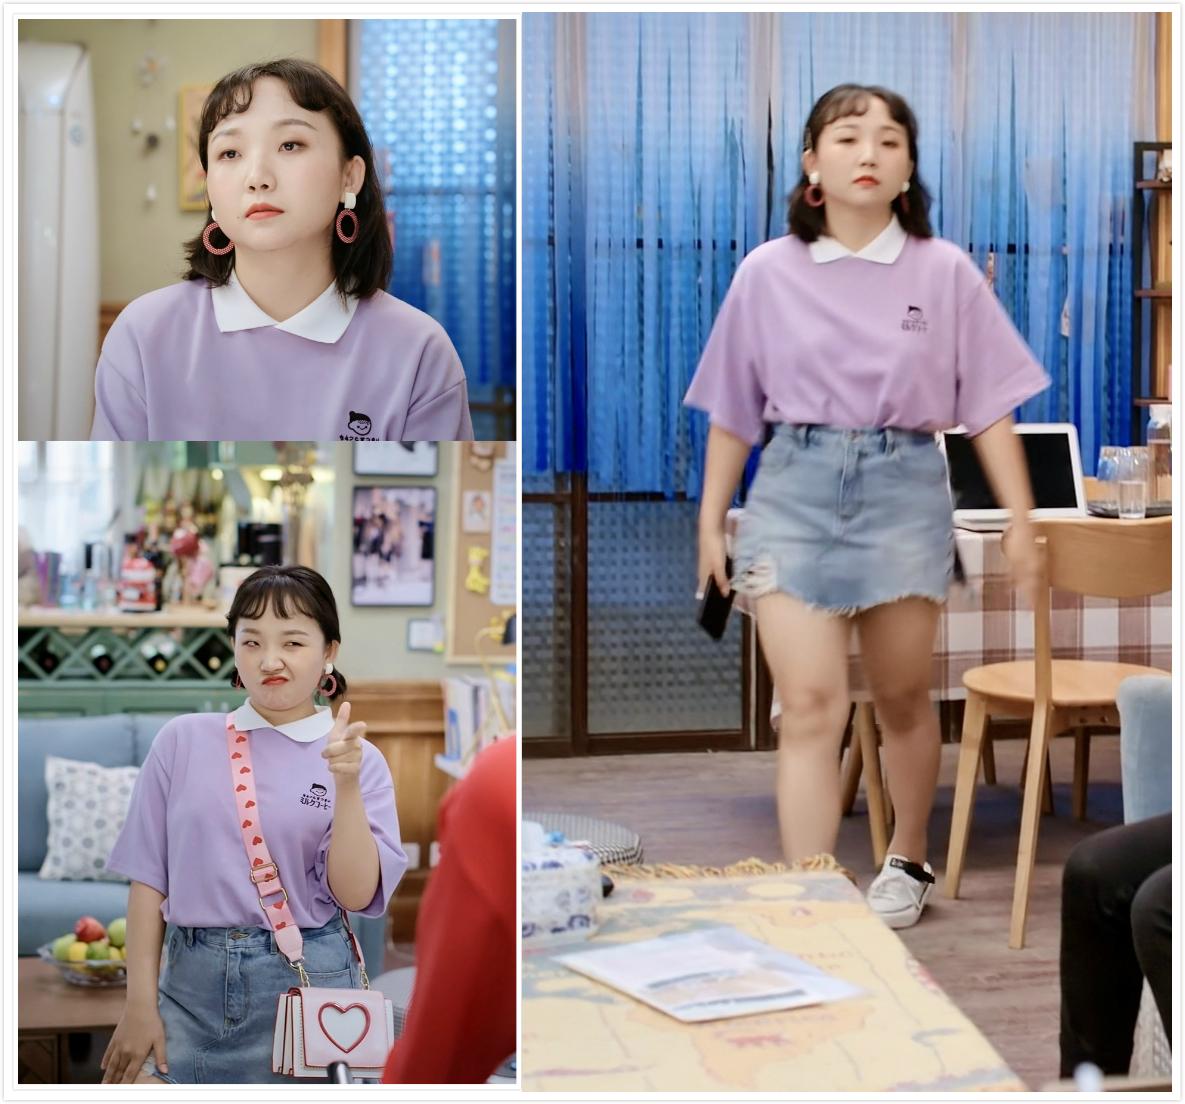 宋儒儒被相亲对象吐槽又矮又胖又丑?可她的穿搭明明好看成教科书